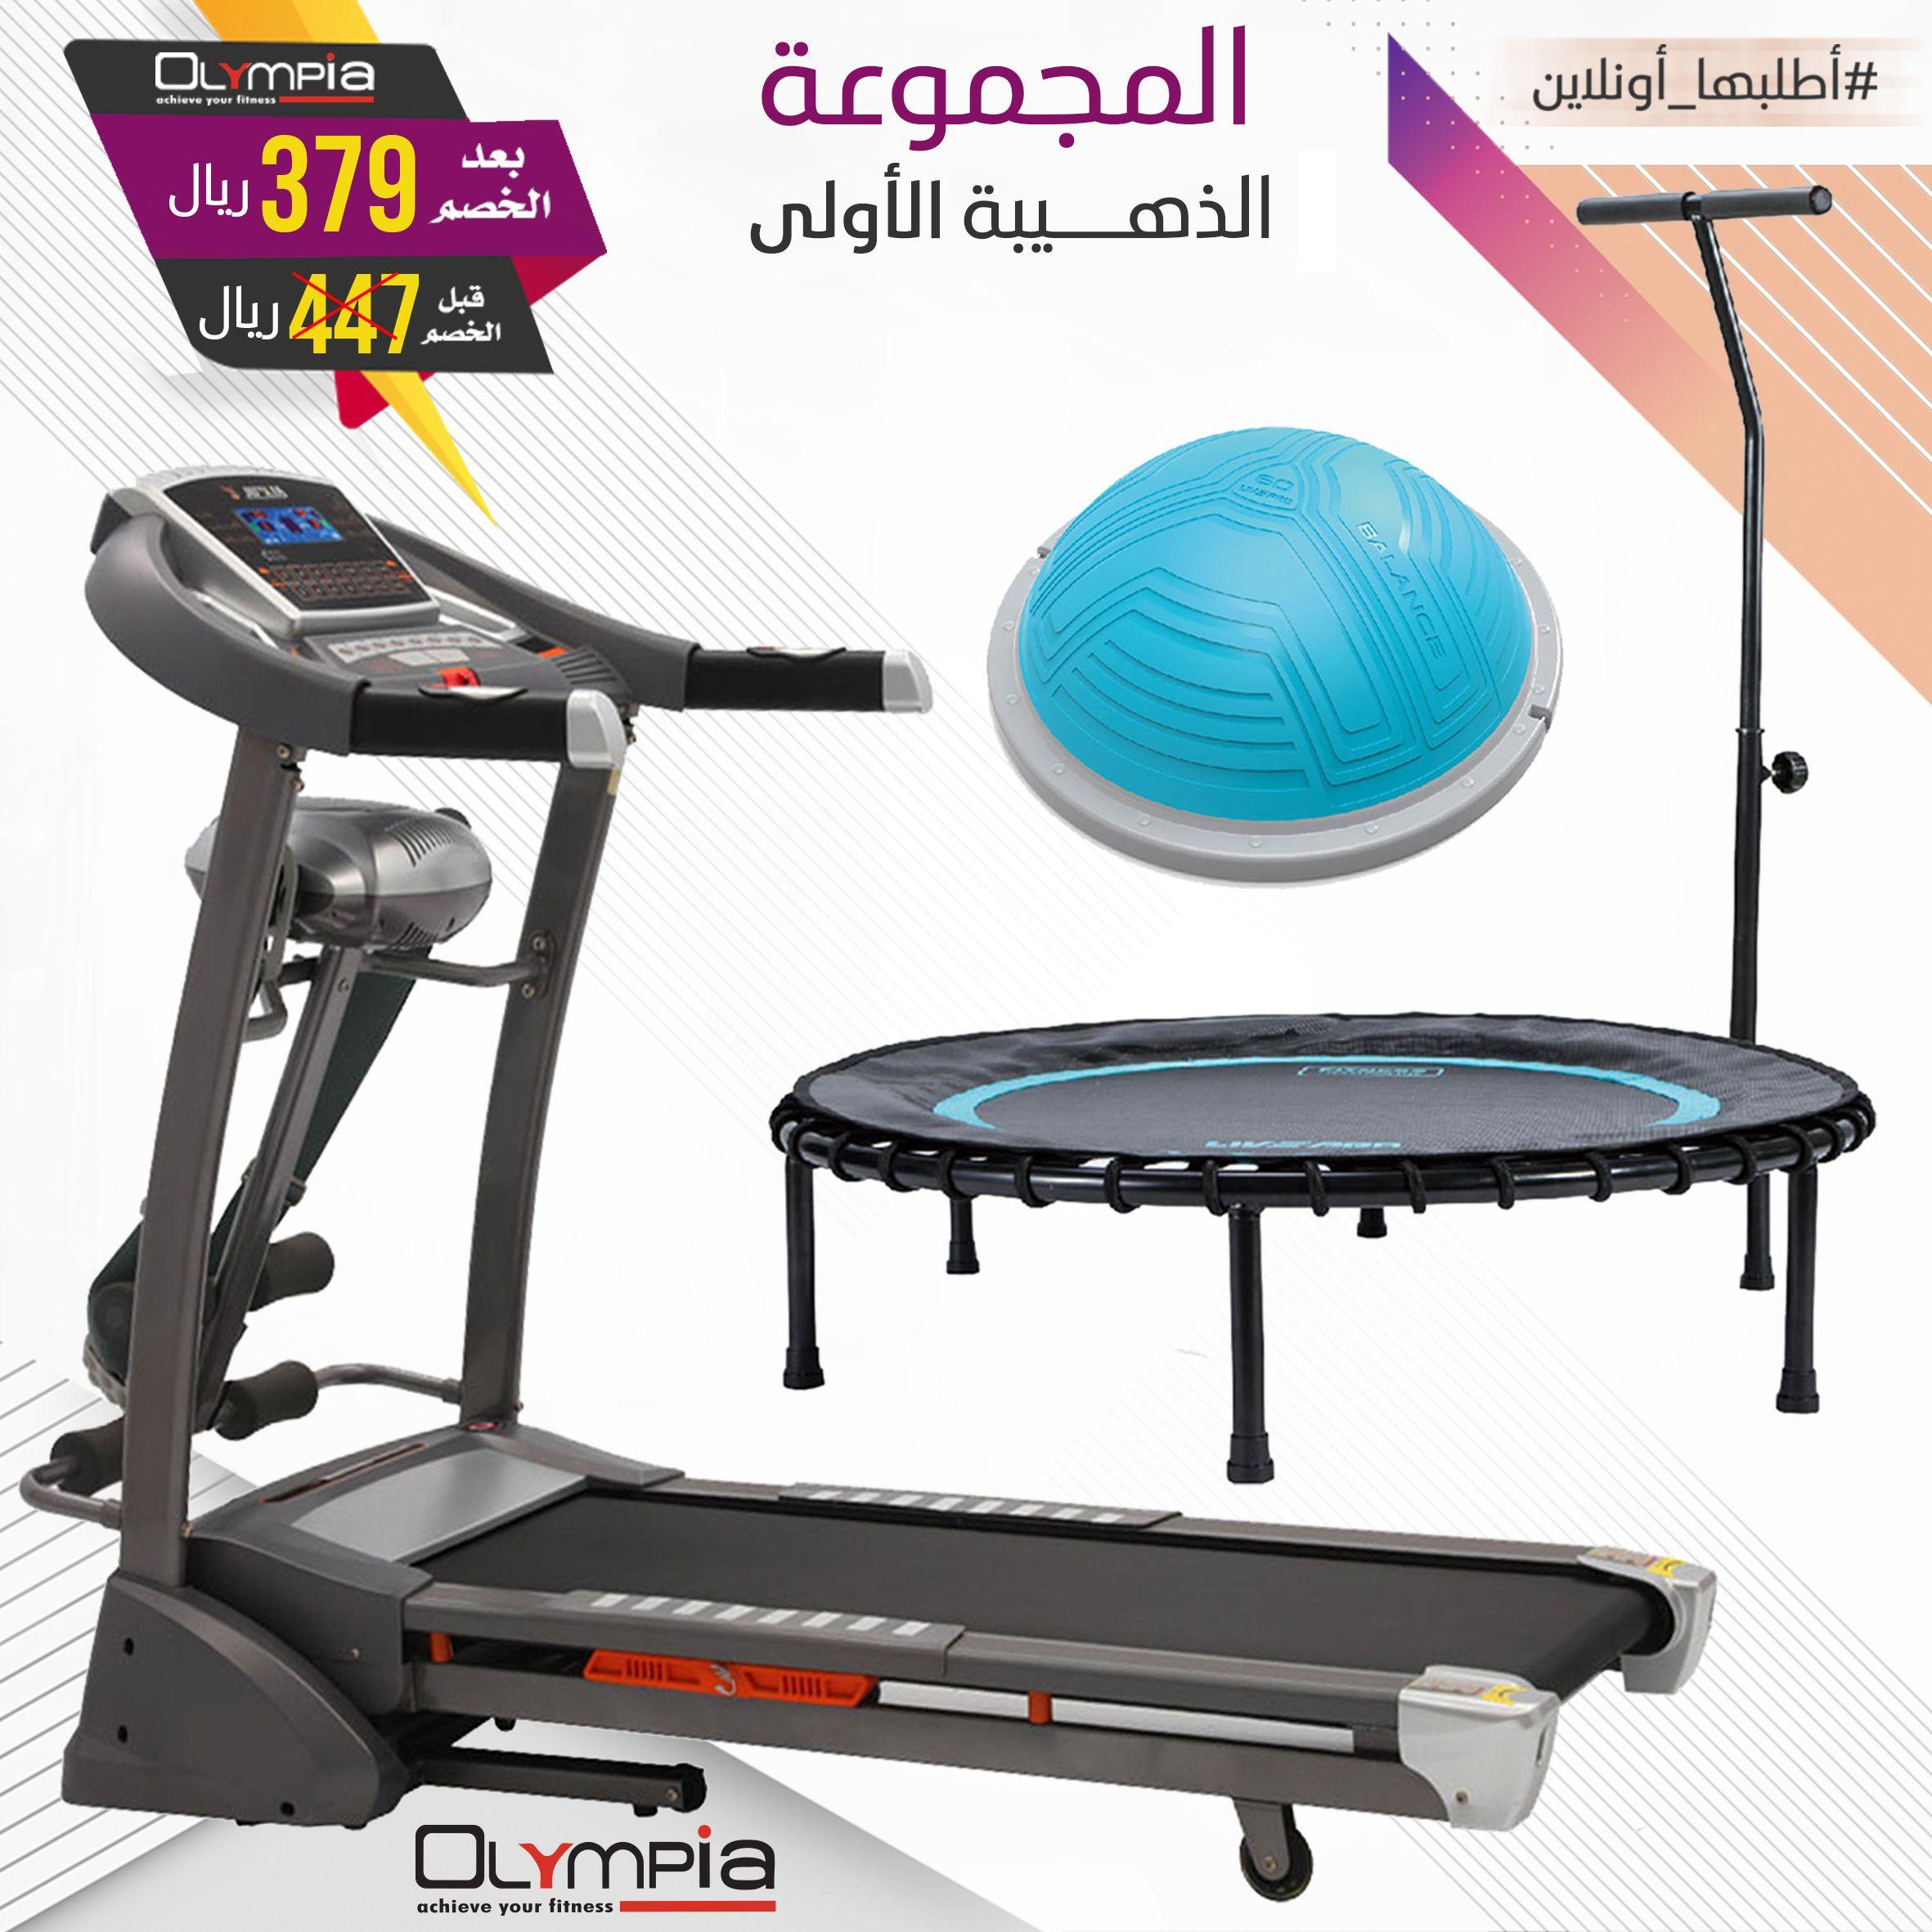 أفضل المنتجات الرياضية بأعلى المواصفات العالمية مجموعة متكاملة للحصول علي قوام مثالي في المنزل او العمل احصل عليها الأن تمرينك Gym Sultanate Of Oman Sports